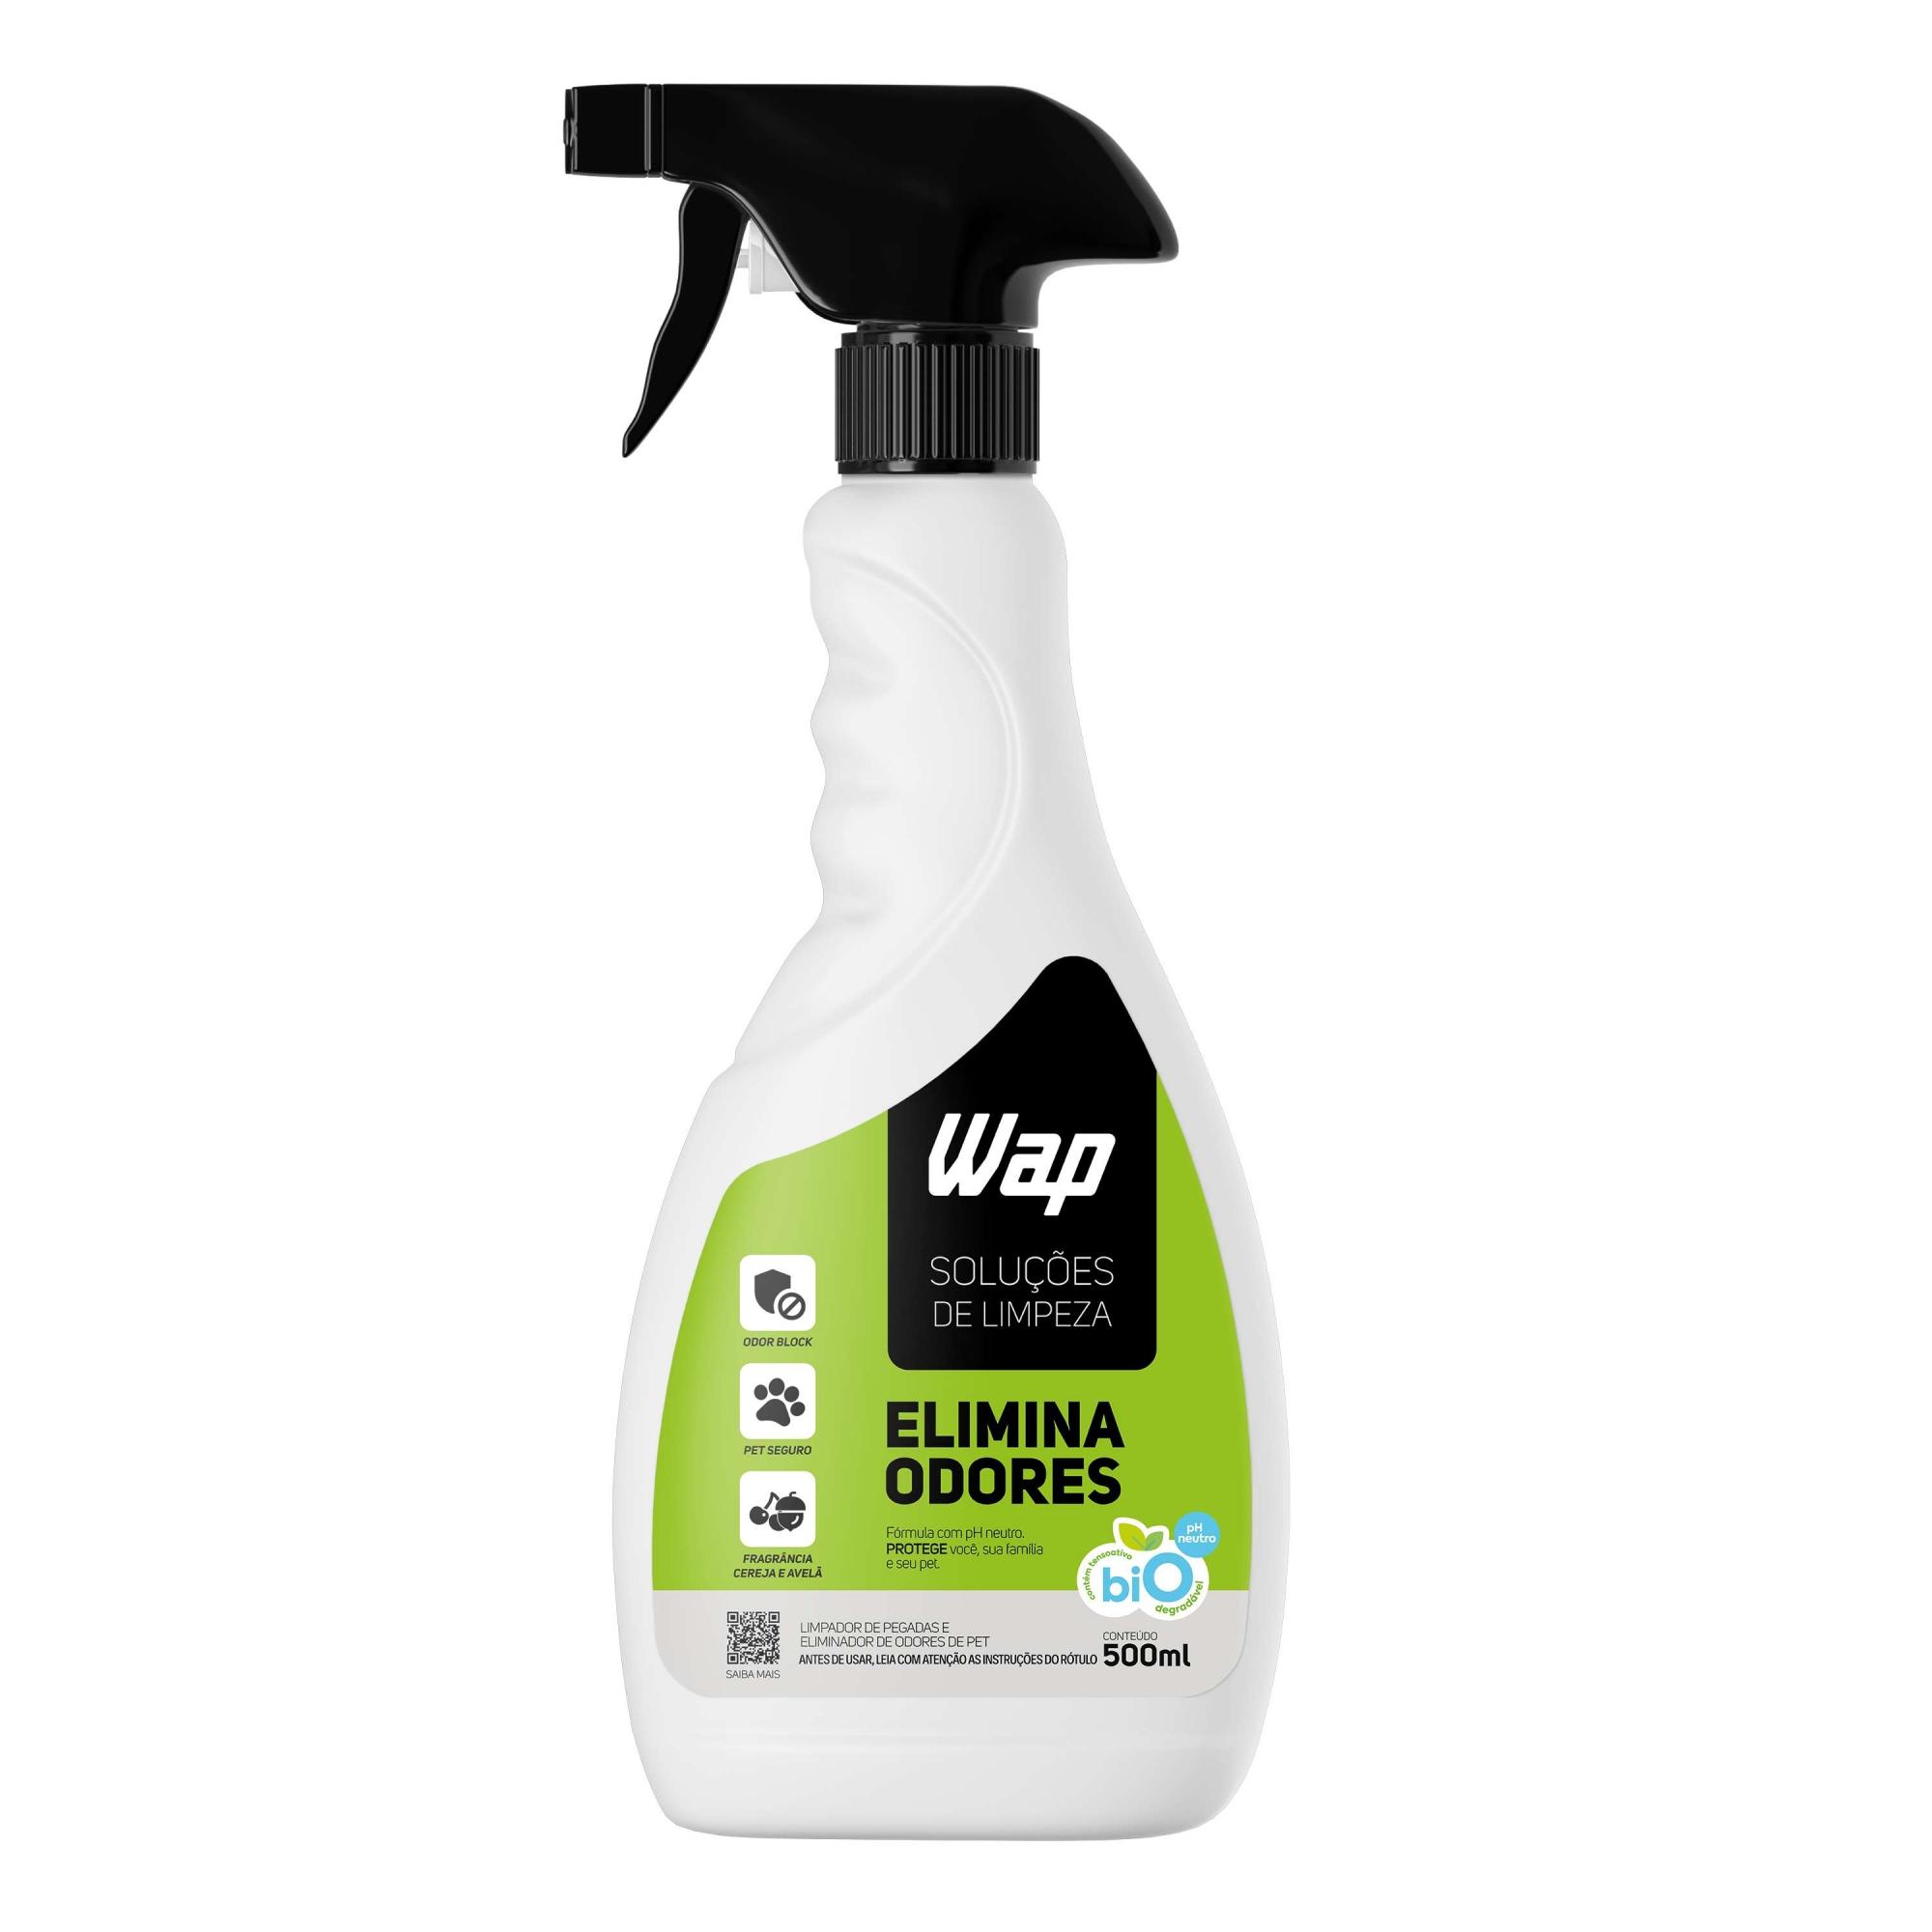 Eliminador De Odores Pet Tecnologia Odor Block 500ml Bio Wap